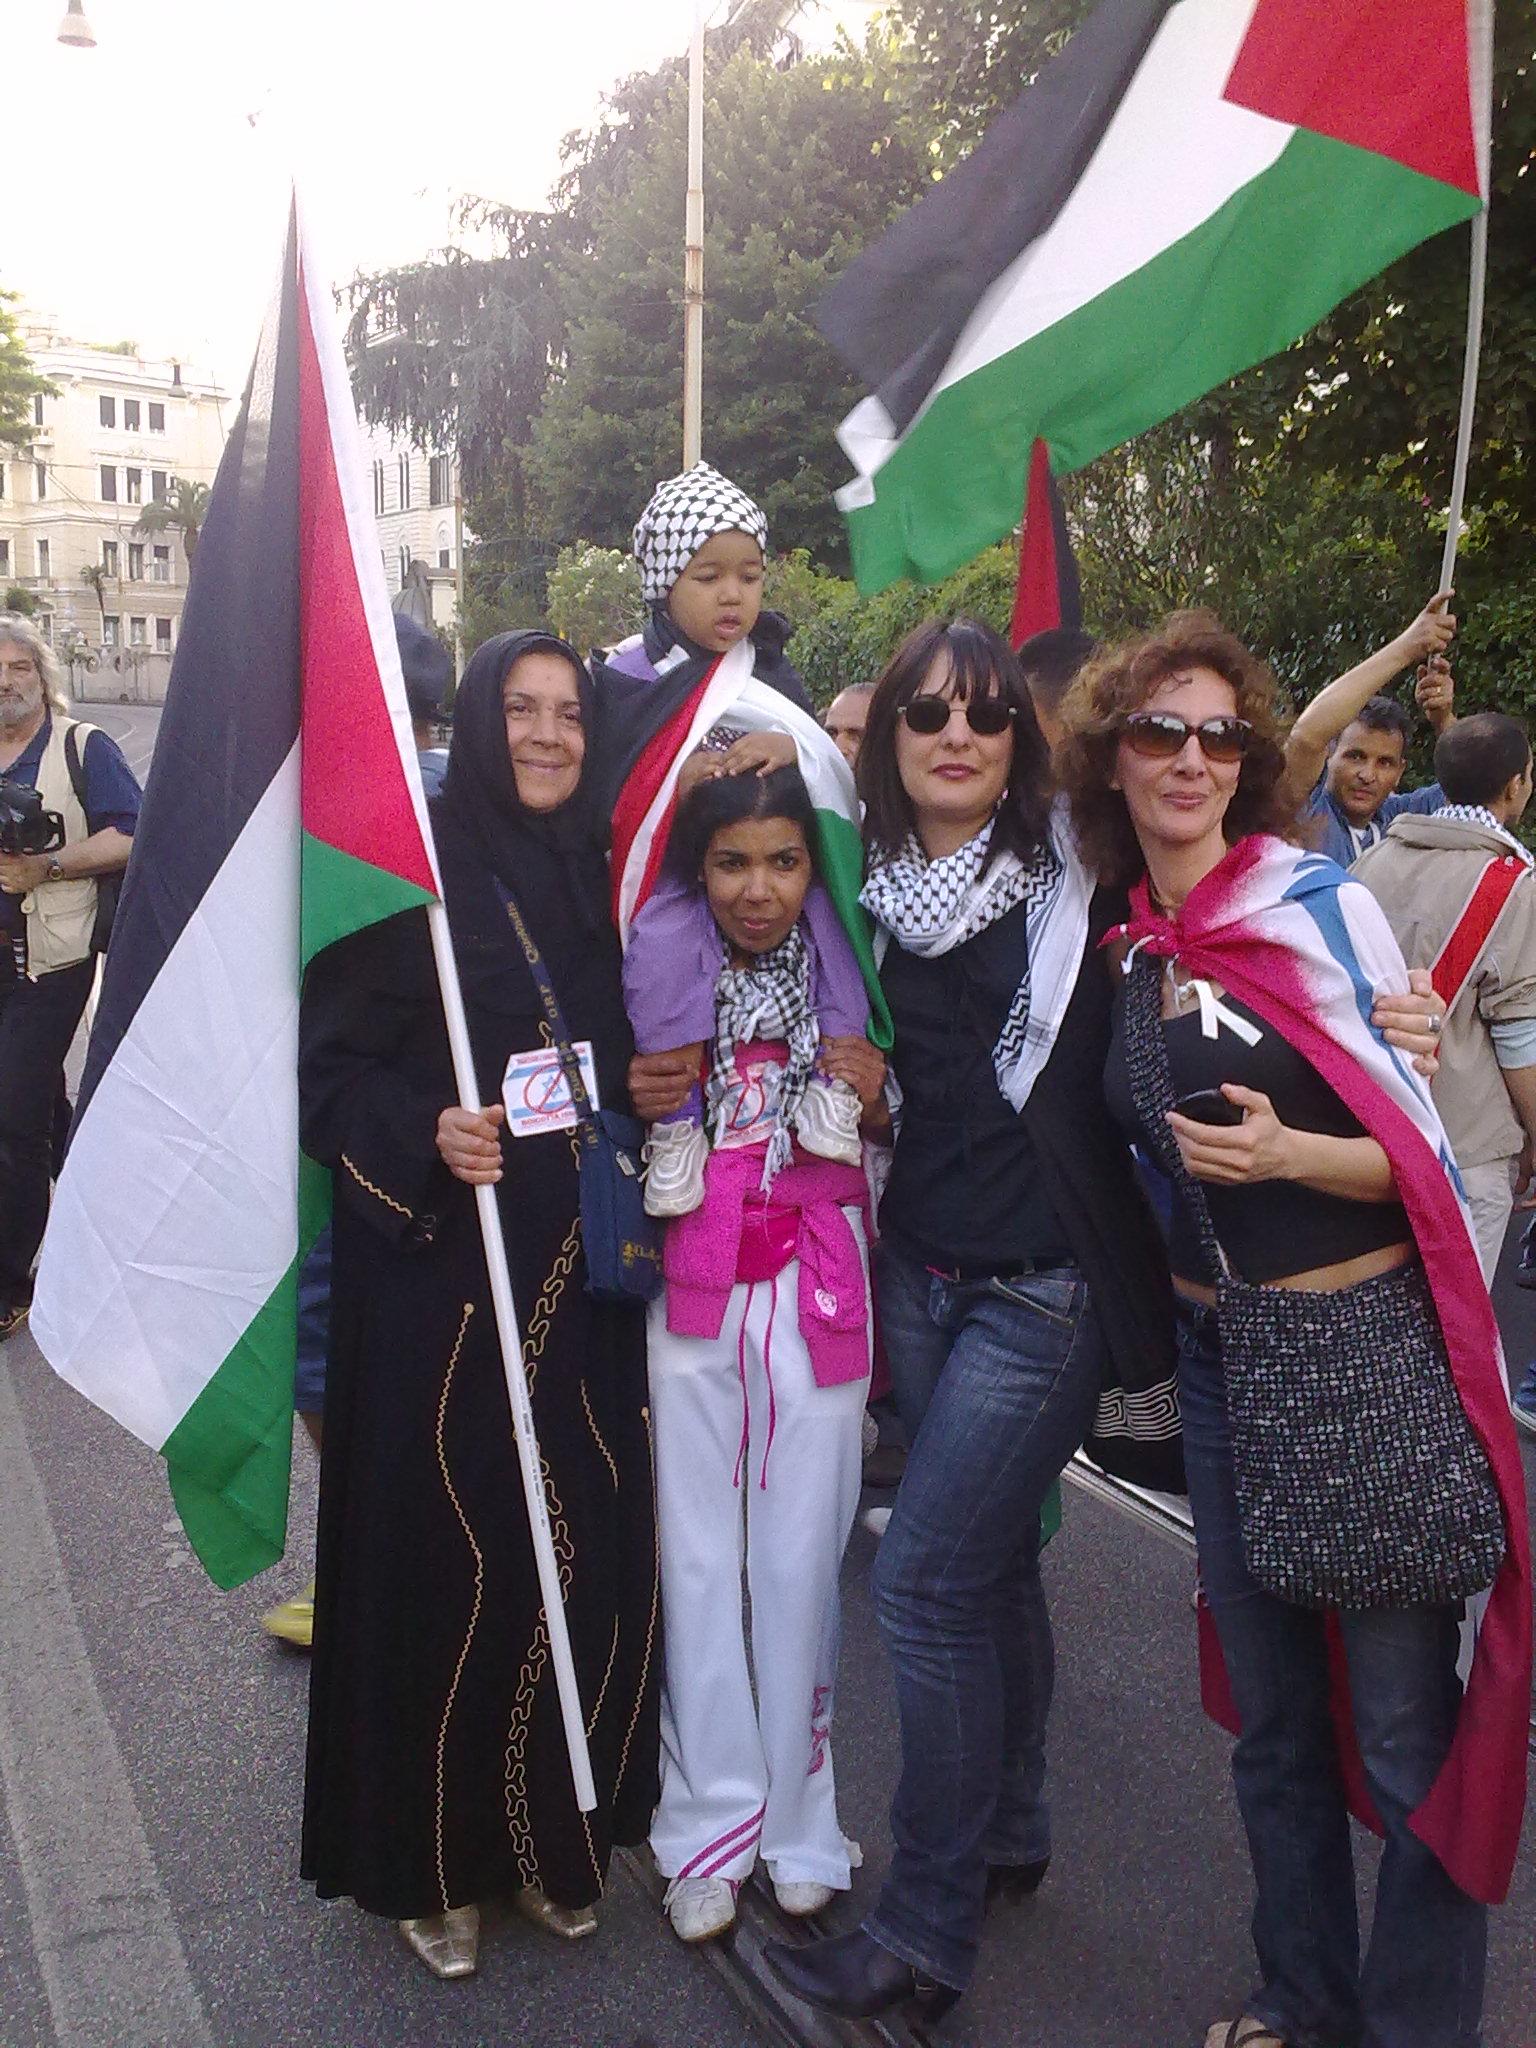 Sit in daanti Ambasciata Israeliana per la Palestina